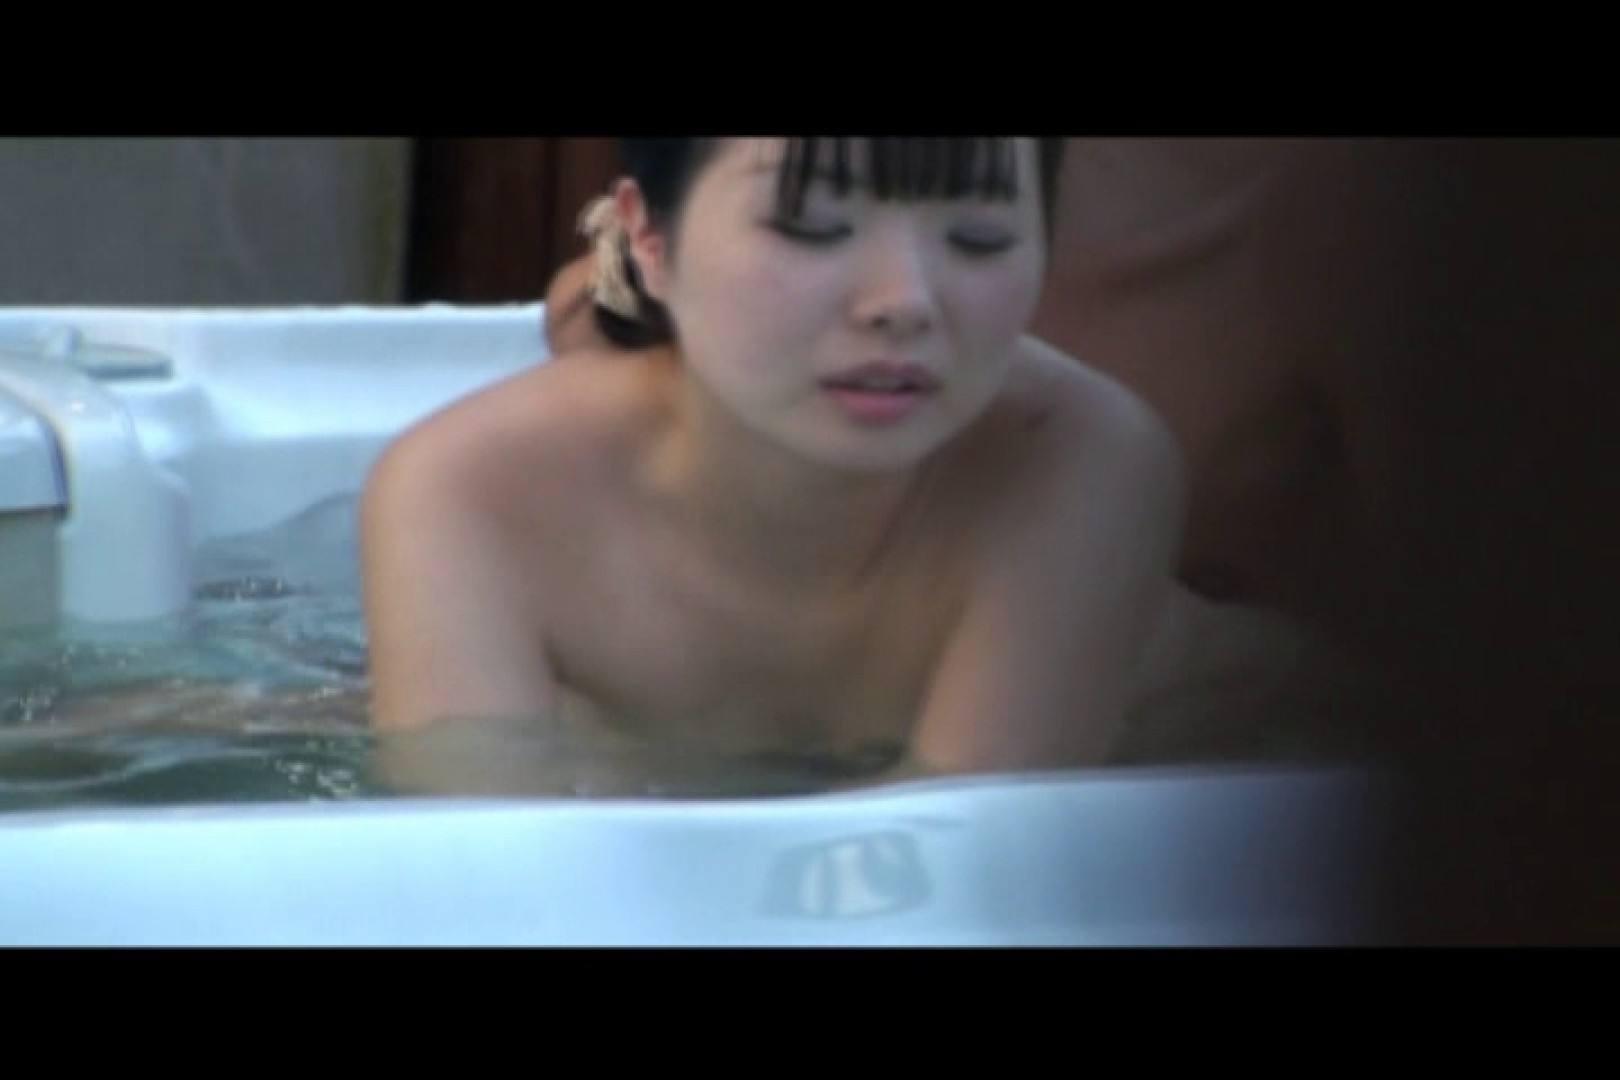 貸切露天 発情カップル! vol.09 カップル  43画像 40